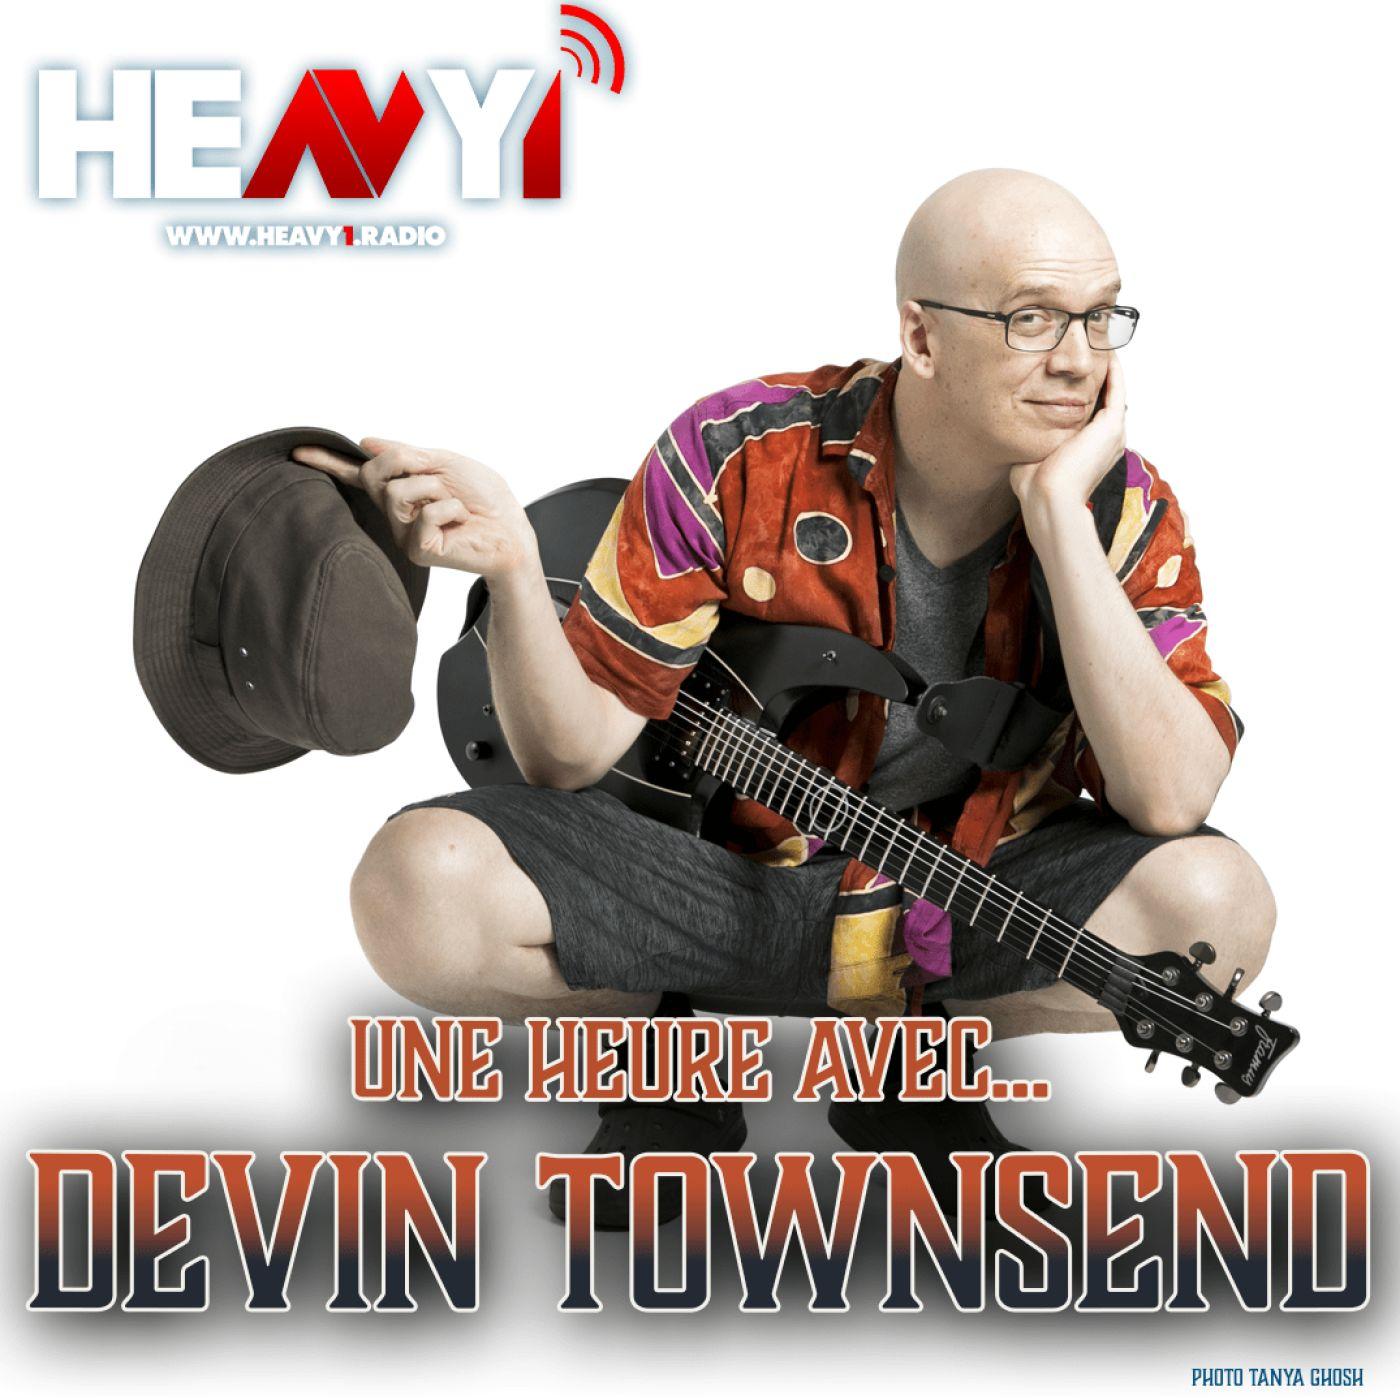 Une heure avec... Devin Townsend